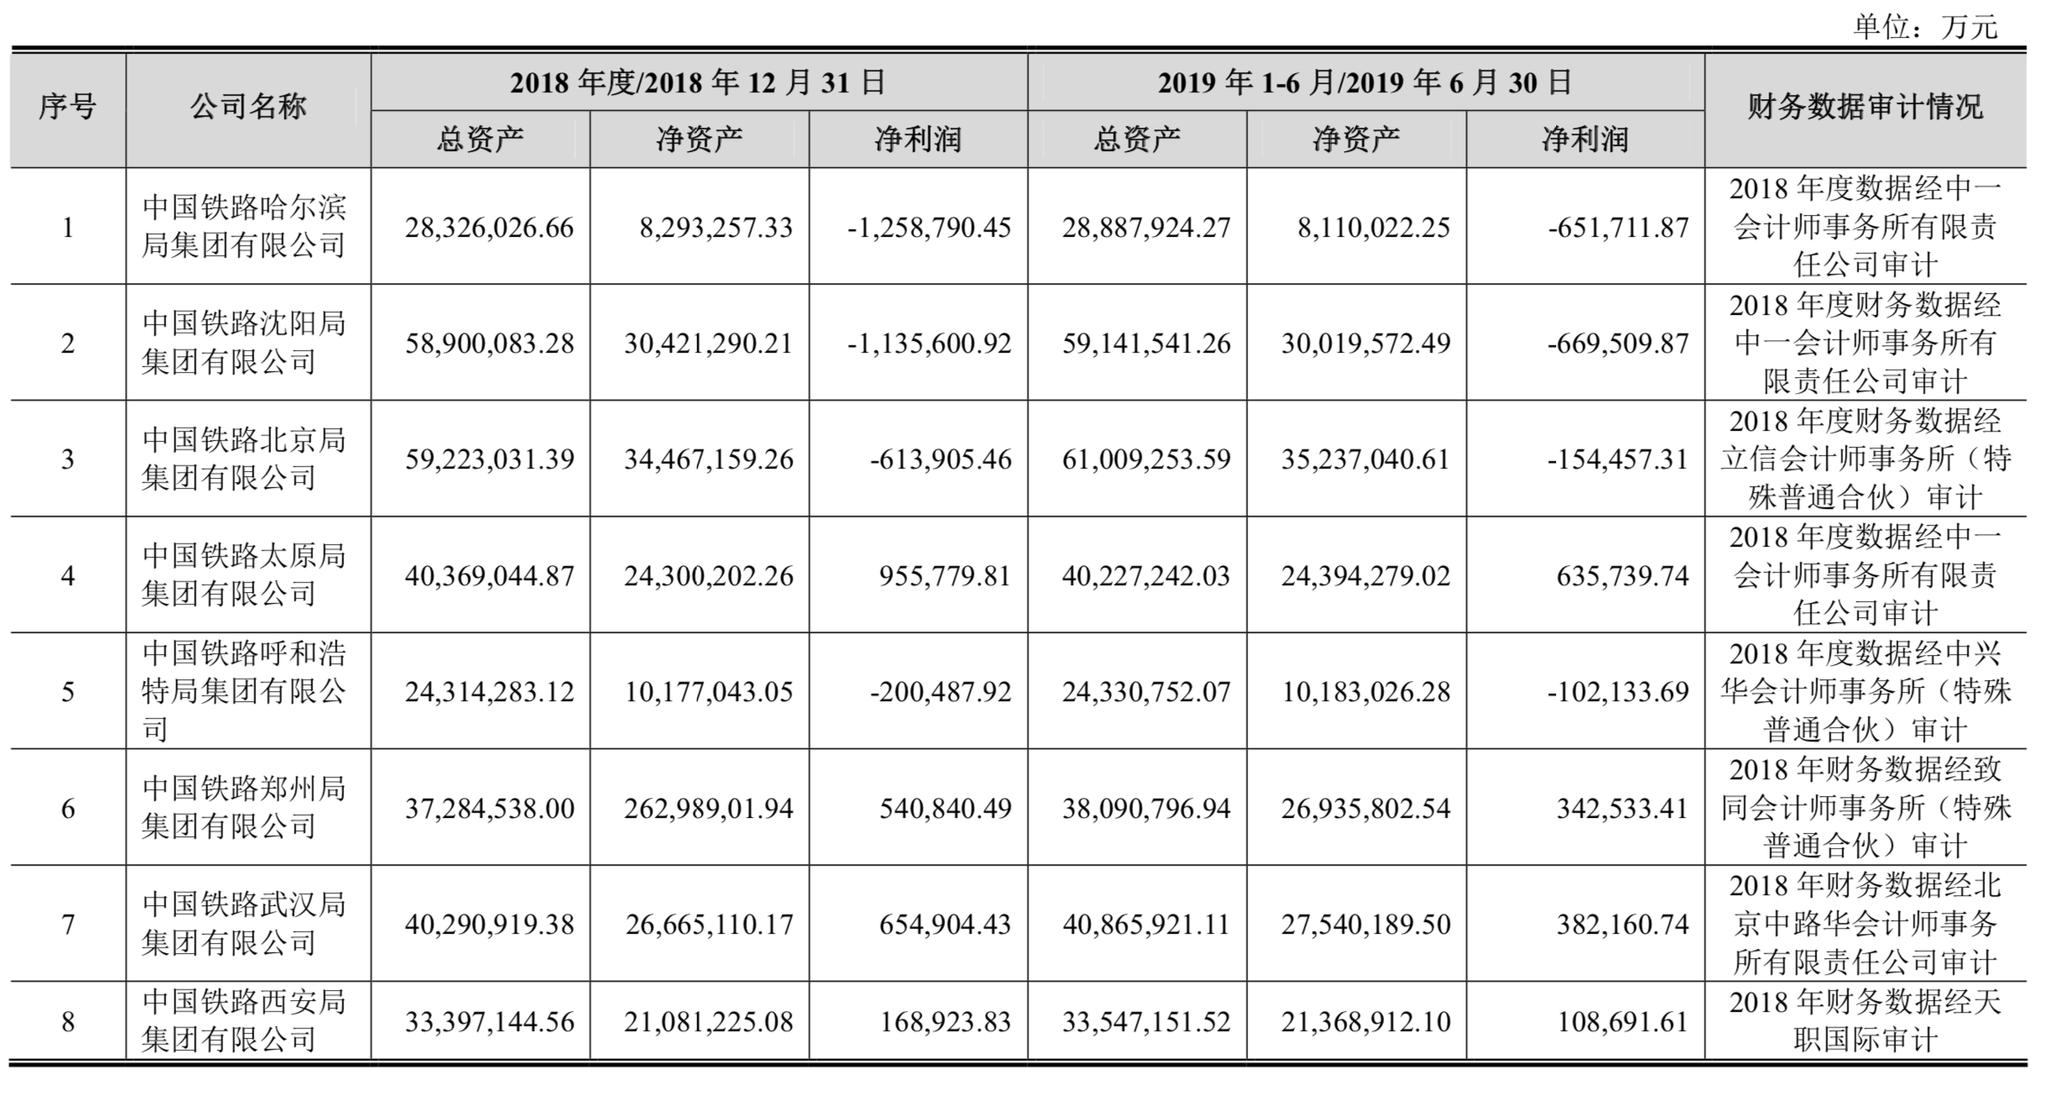 18家铁路局集团家底曝光:成都哈尔滨沈阳局去年均亏逾百亿